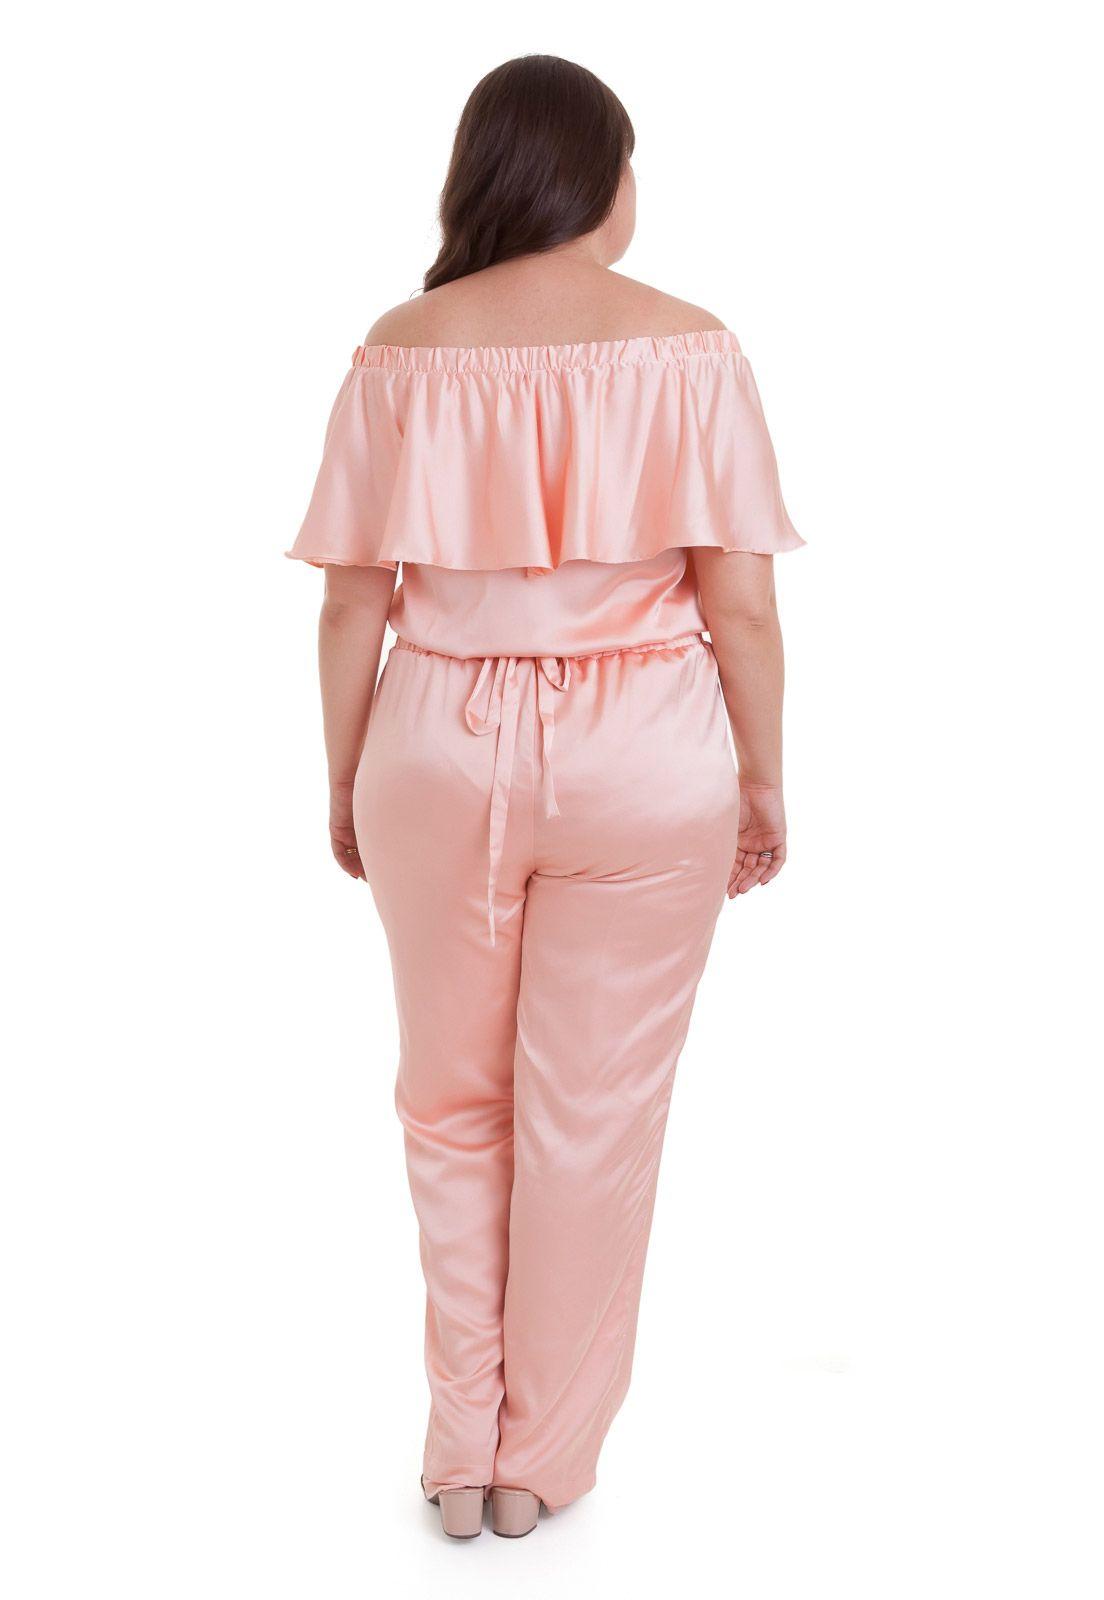 Macacão rosa cotton colors de cetim